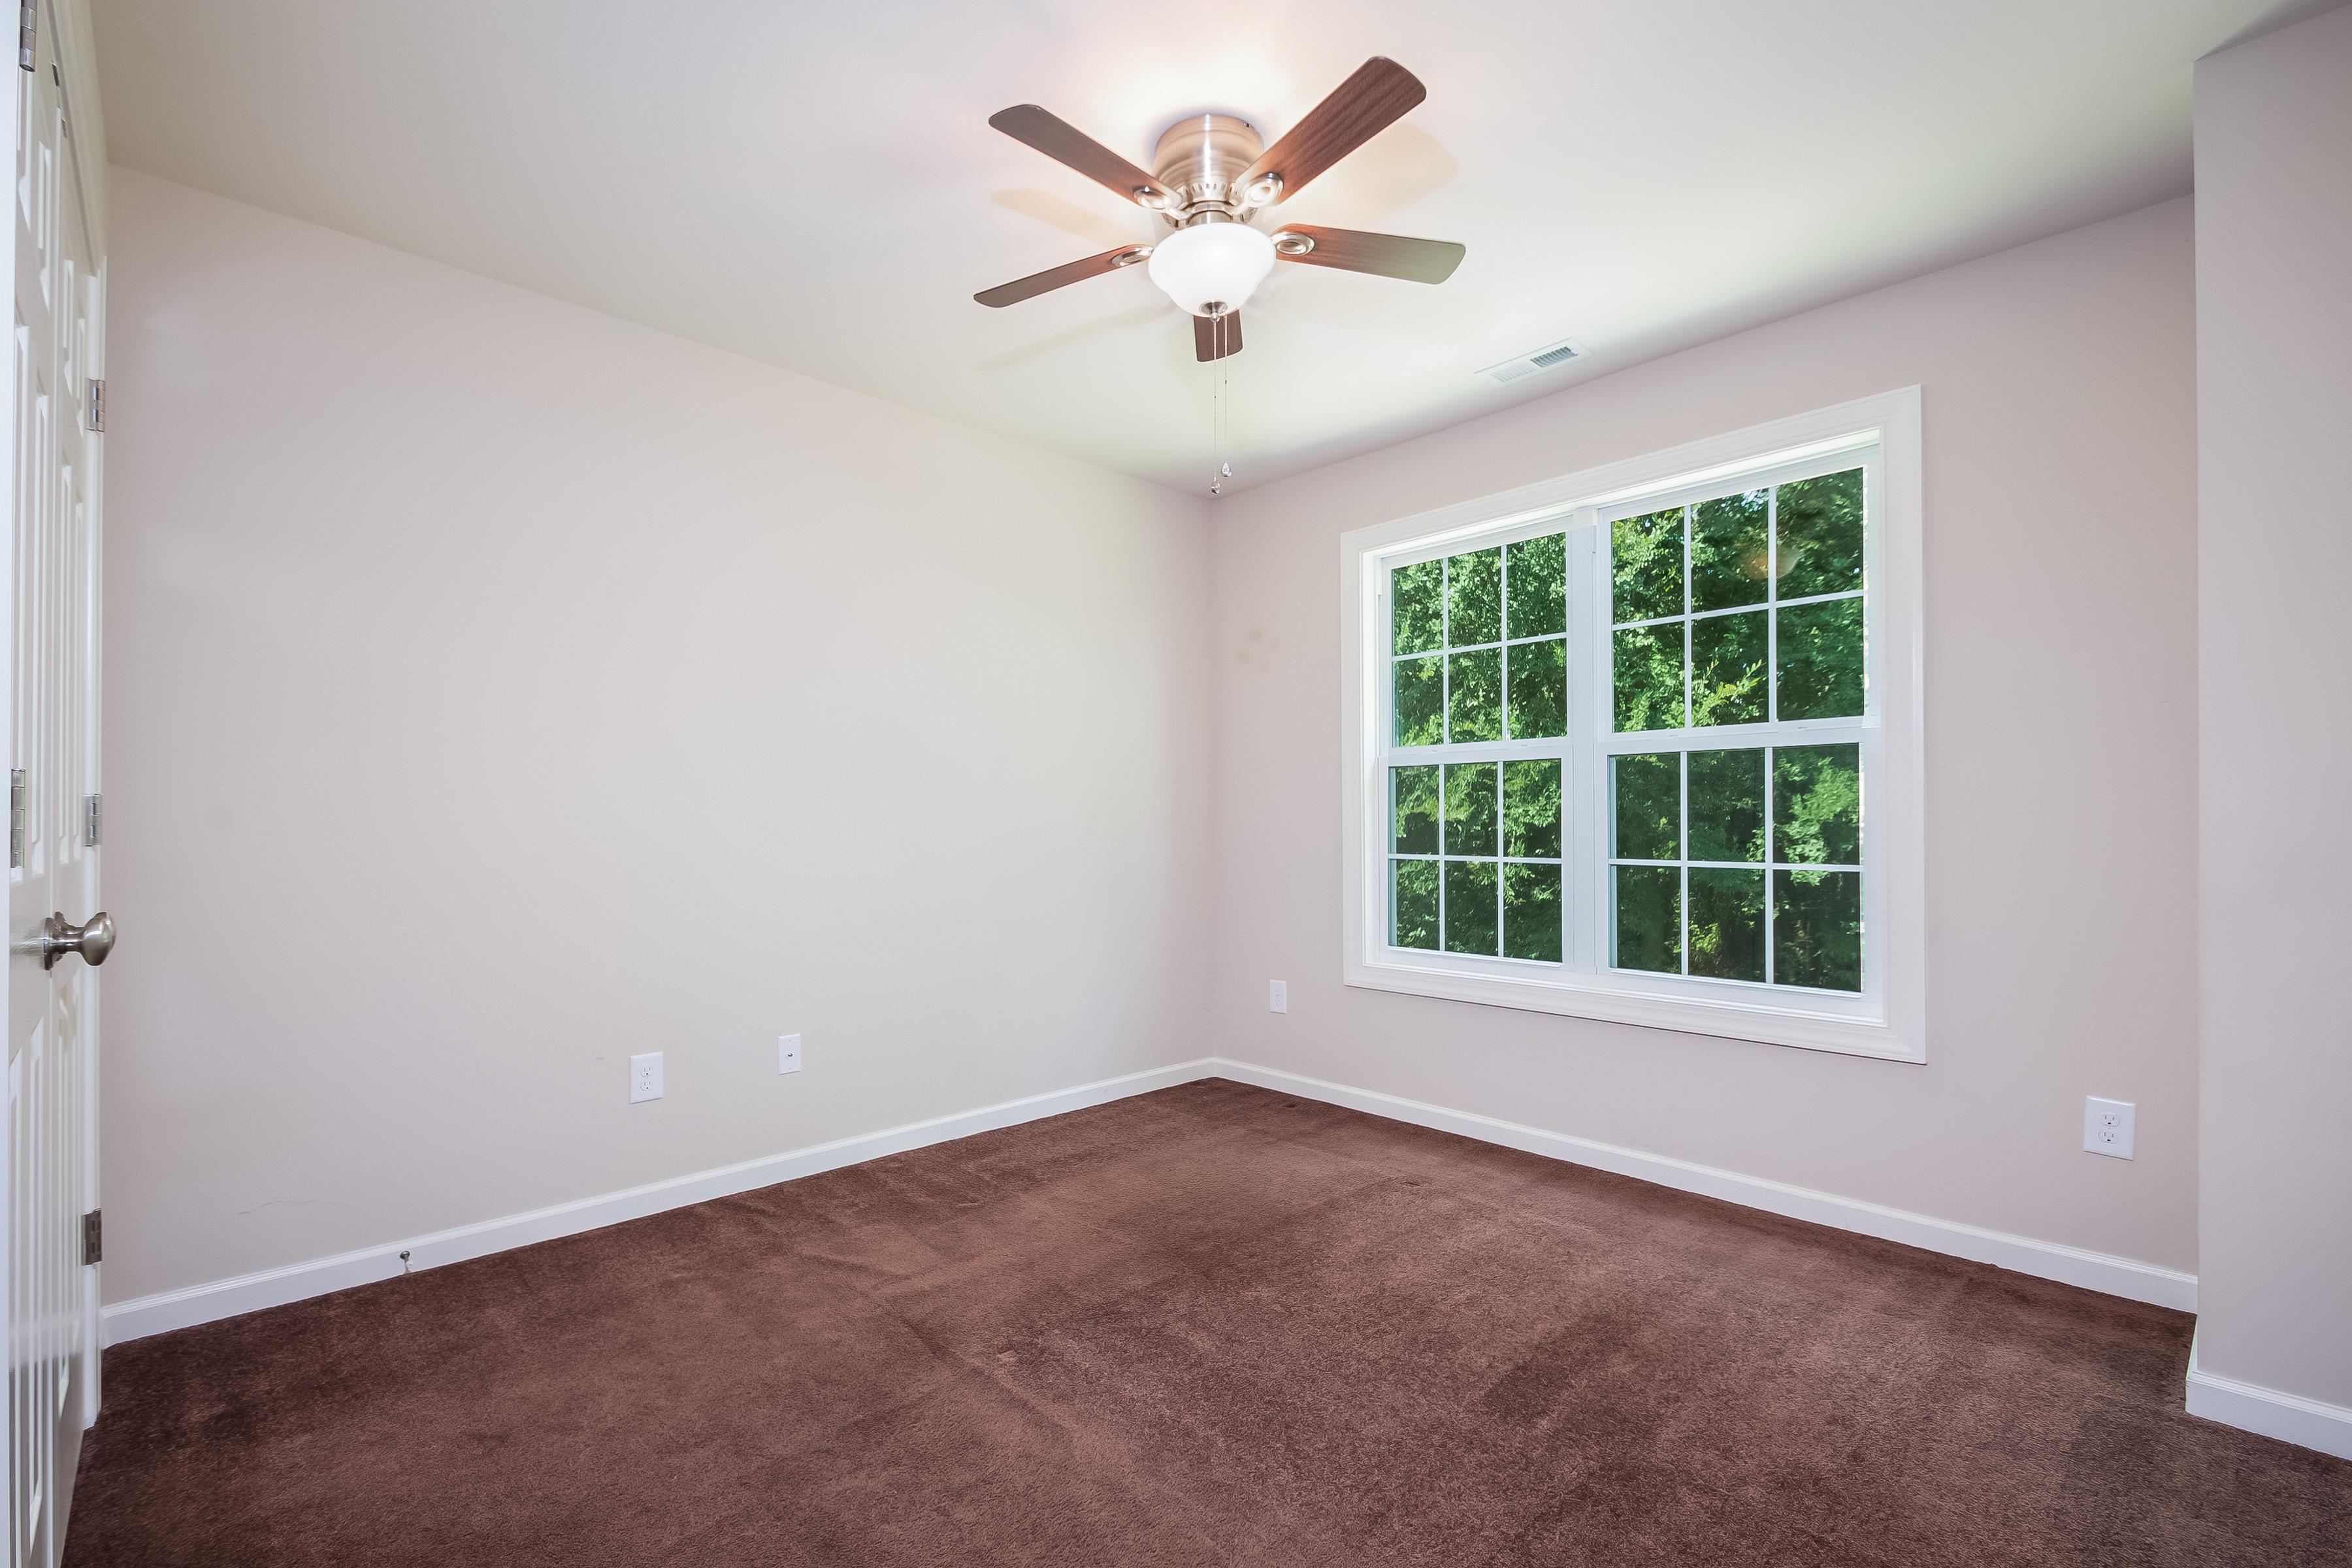 Photo of 8249 Marshall Brae Drive, Raleigh, NC, 27616